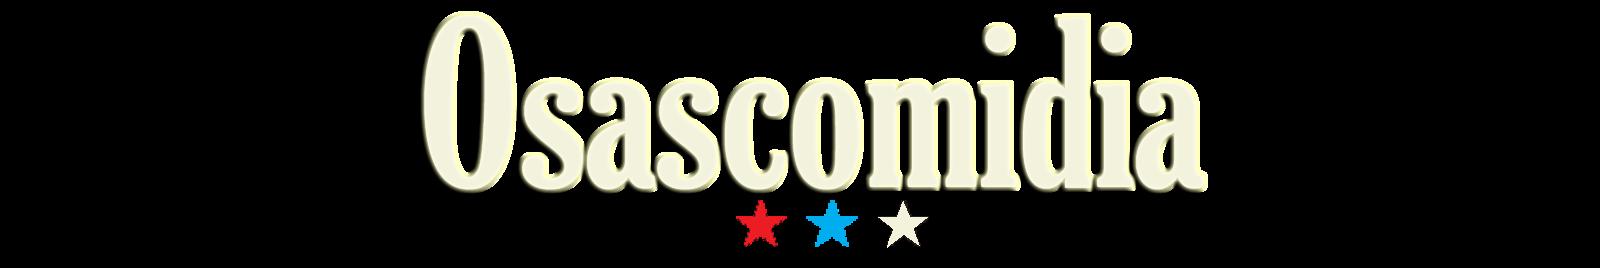 Osascomidia: Notícias, curiosidades e opiniões